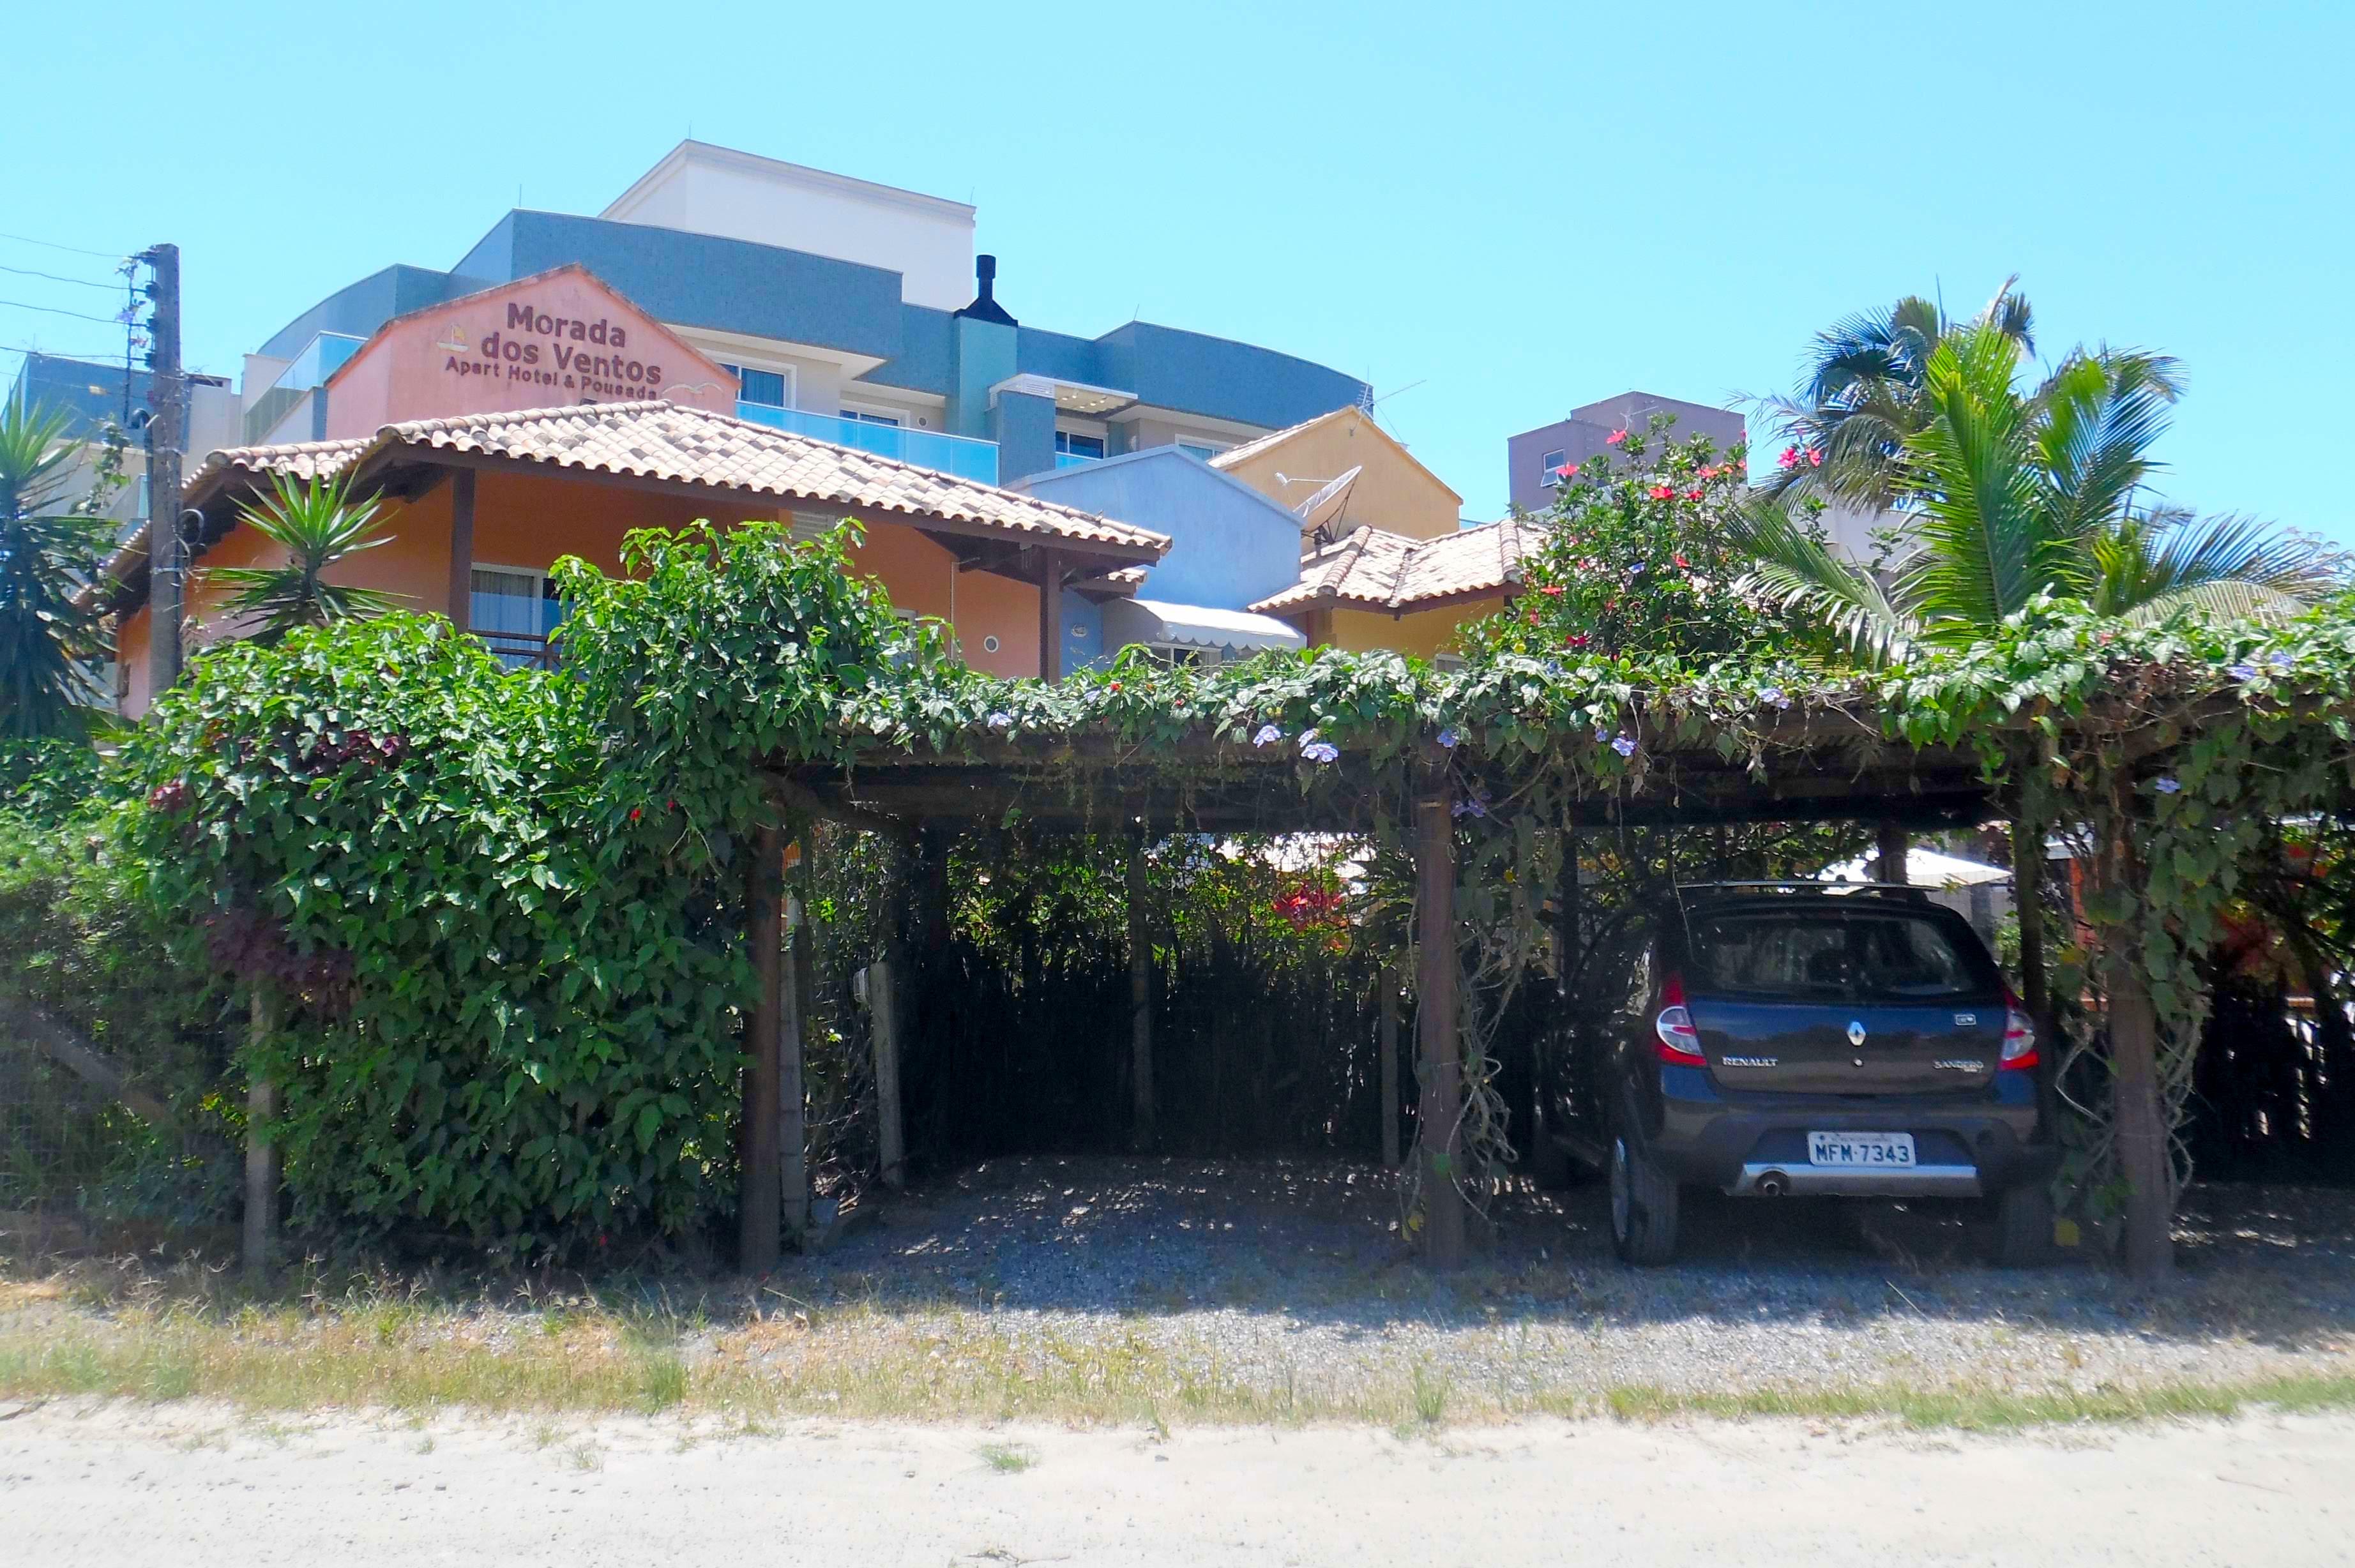 Pousada Morada Dos Ventos - Estacionamiento pergolado